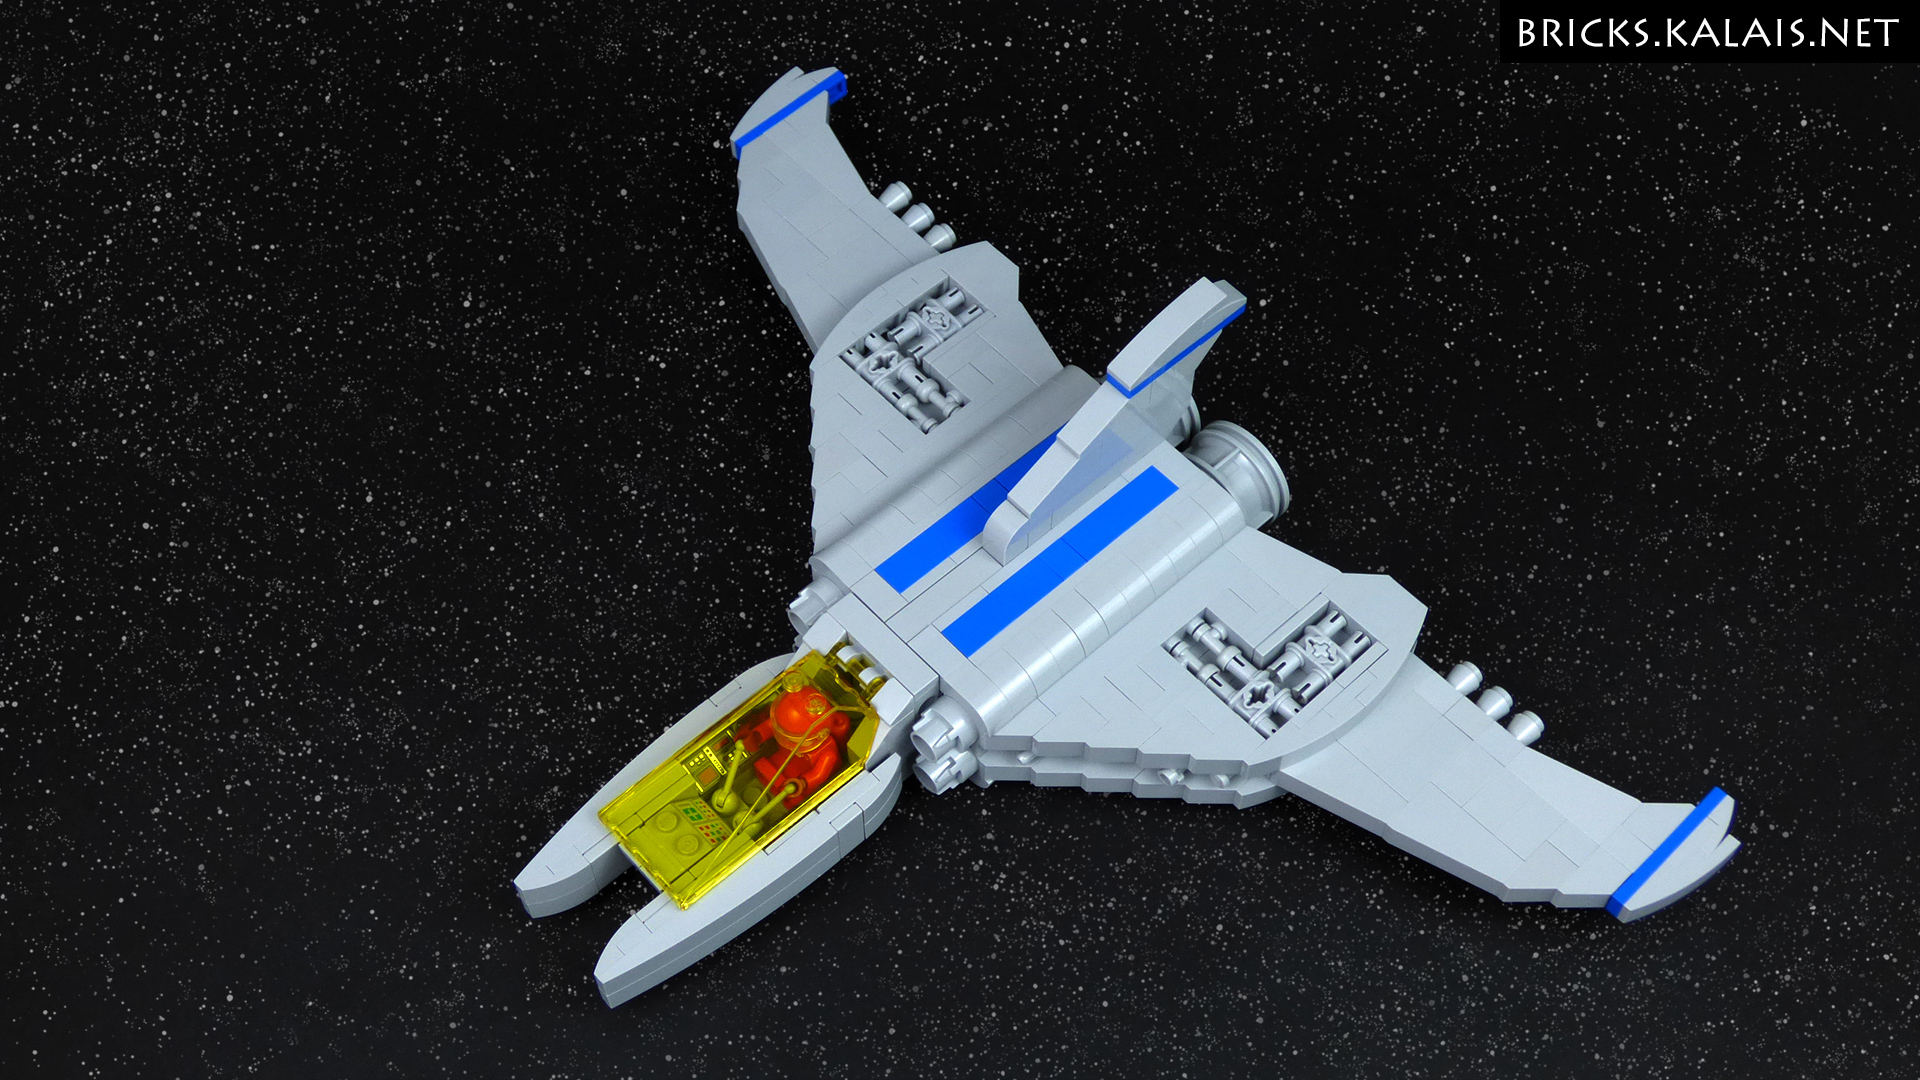 MOC BV 334 Spaceship Bricks Treasure LEGO Blog